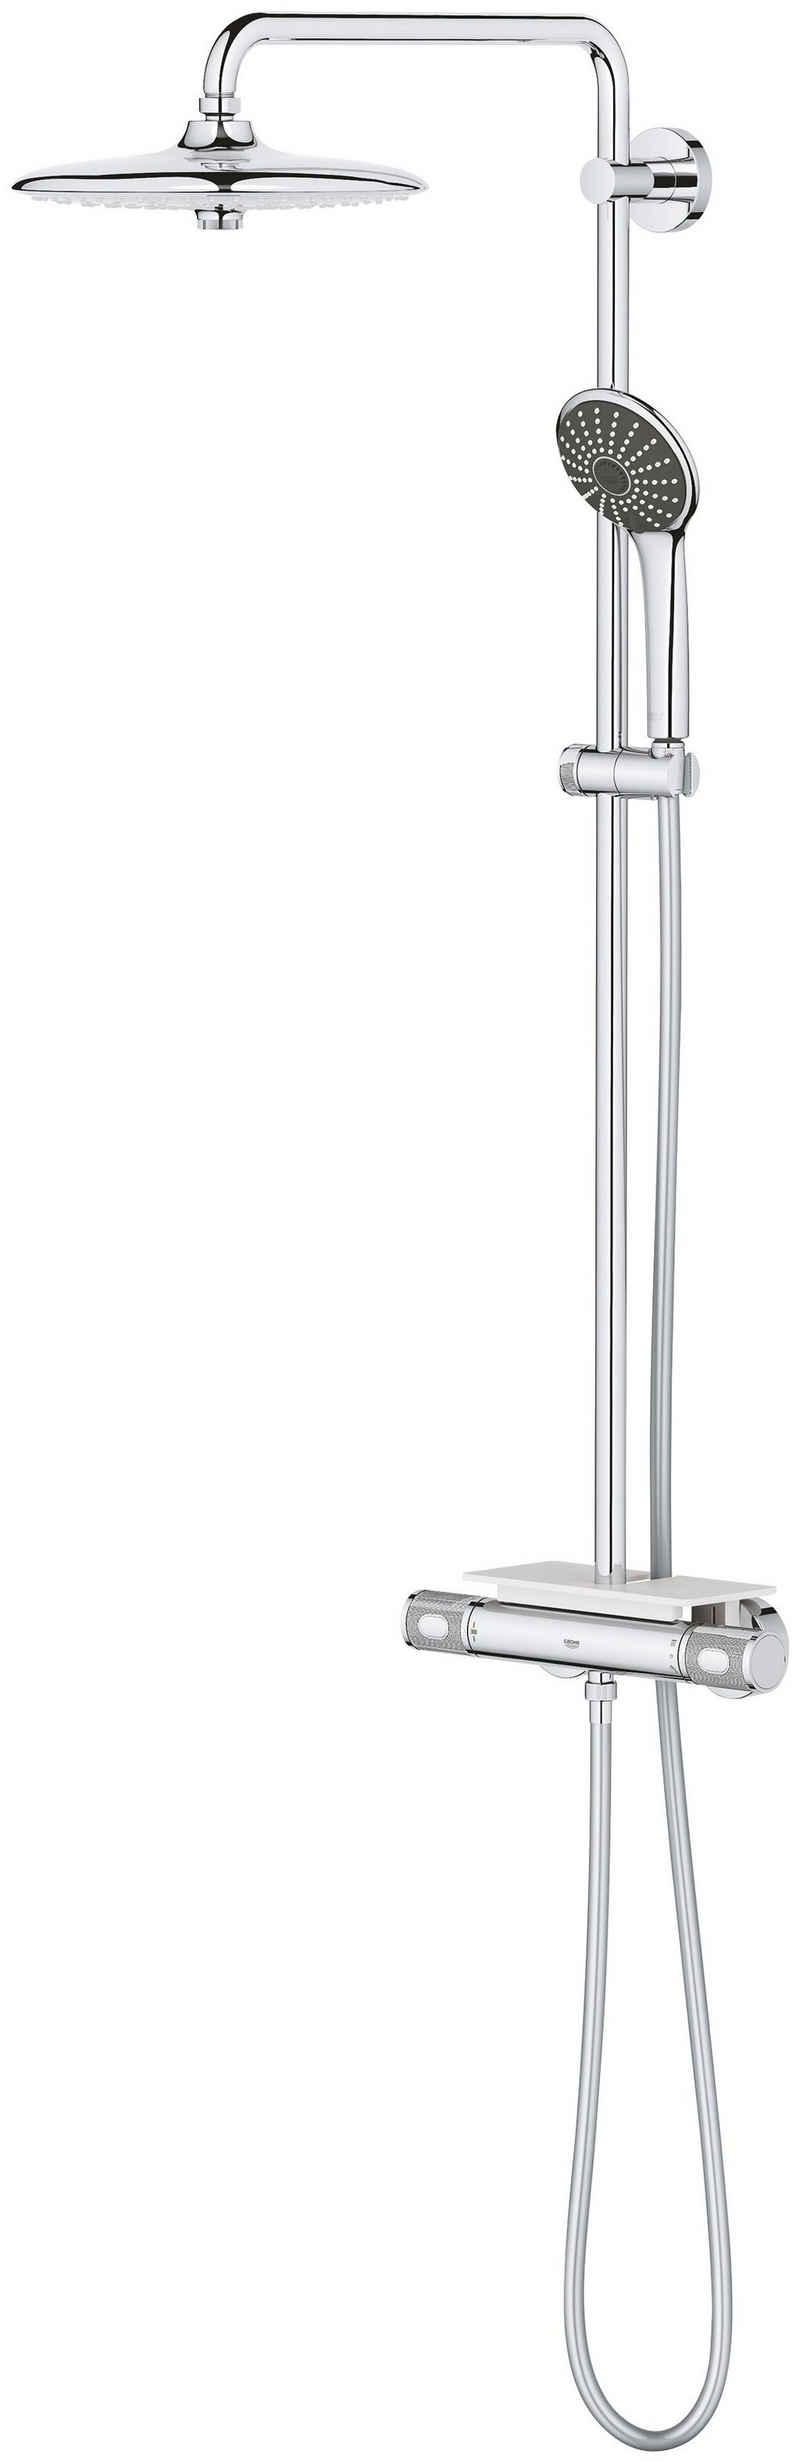 Grohe Duschsystem »Vitalio Joy 260 Duschsyst.THM Cool«, Höhe 111,6 cm, 4 Strahlart(en), Set, mit Thermostatbatterie für die Wandmontage